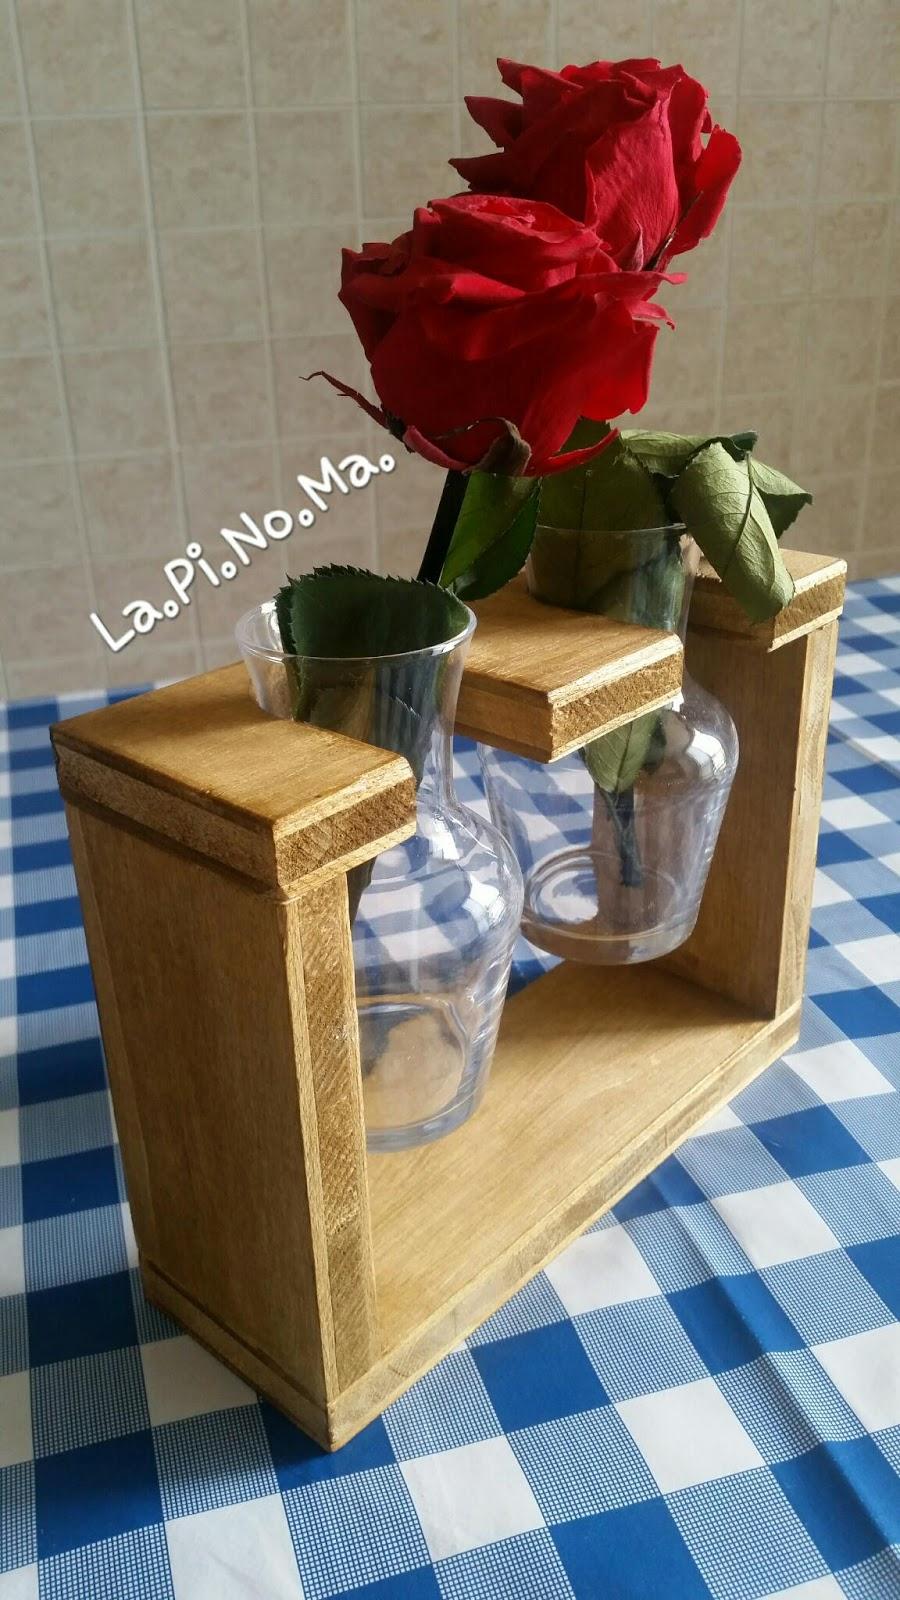 La pi no ma idee in vaso messaggi pirografati e idee for Portavasi in legno